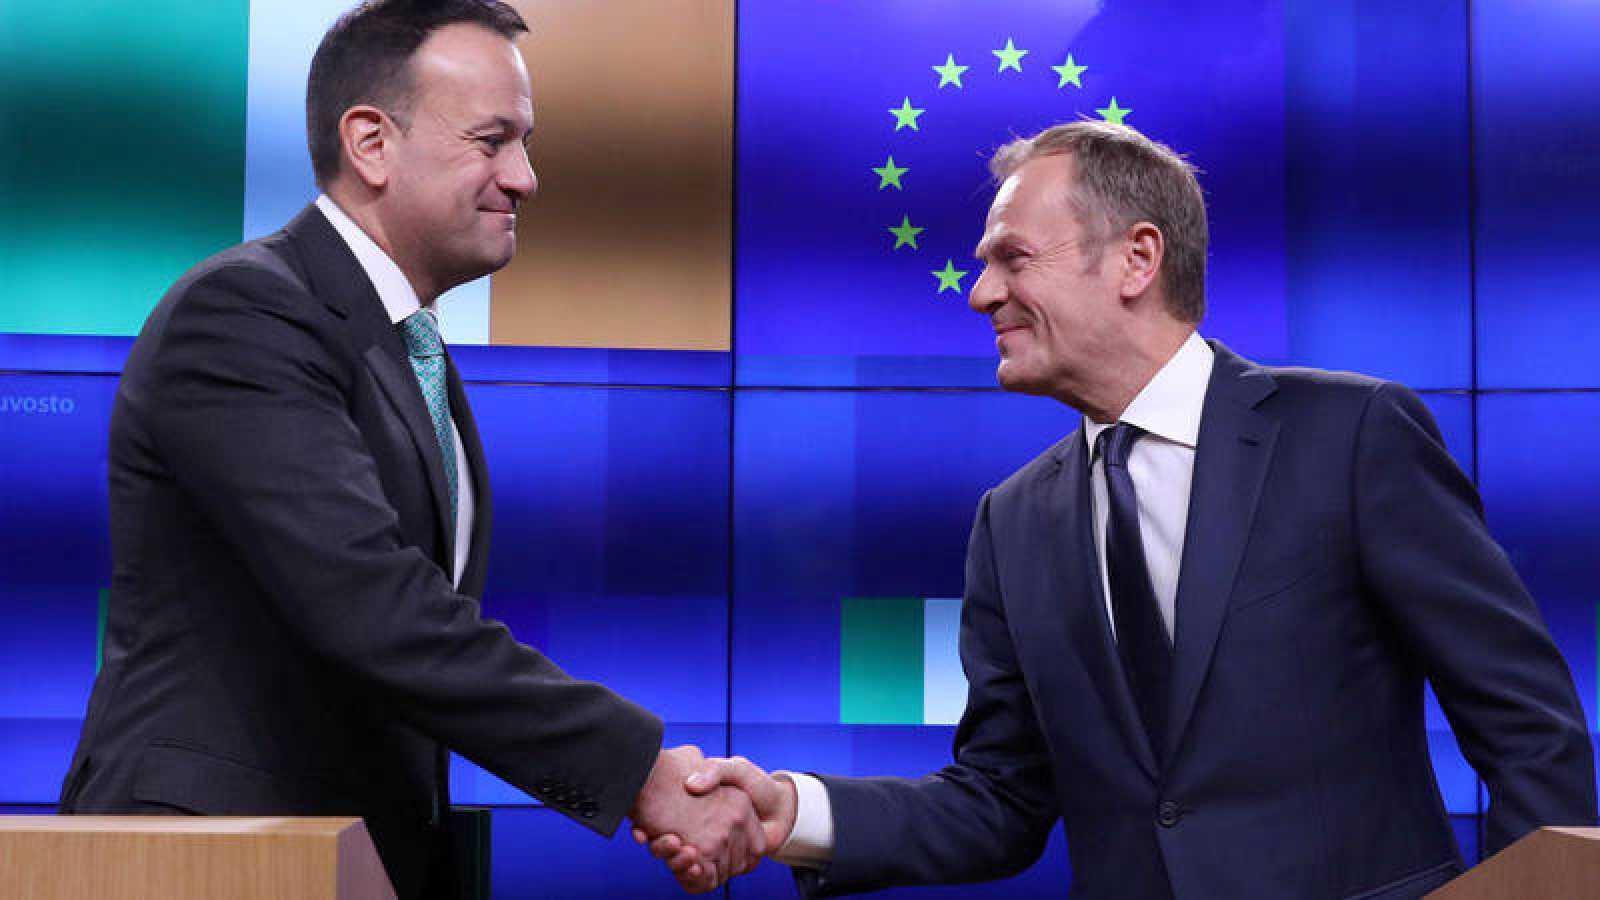 El presidente del Consejo de la UE, Donald Tusk, y el primer ministro irlandés, Leo Varadkar, se dan la mano en la sede del Consejo Europeo, en Bruselas, Bélgica.